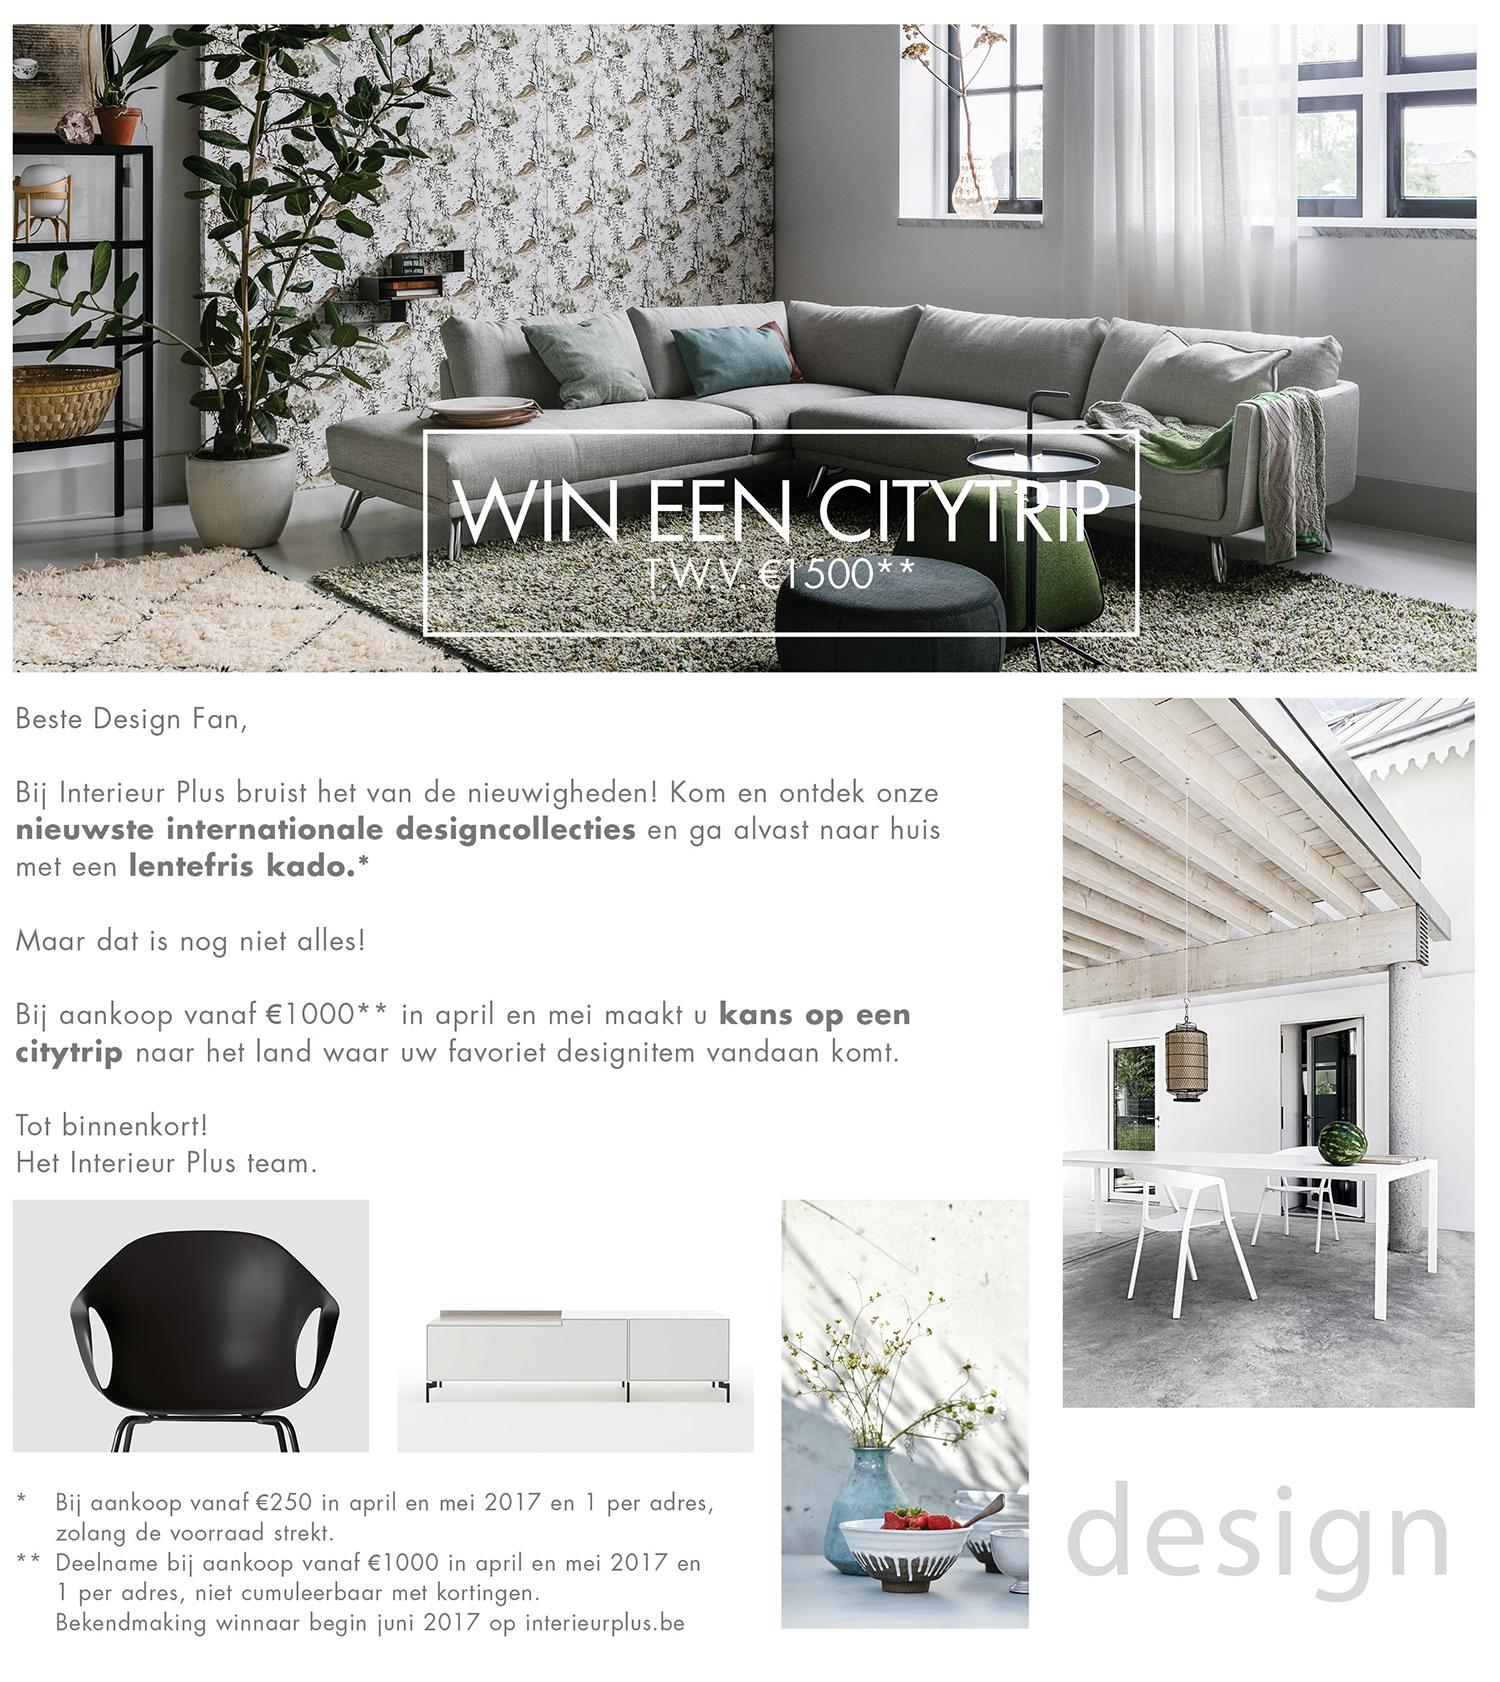 Win een citytrip design meubelen interieur plus for Interieur plus peer